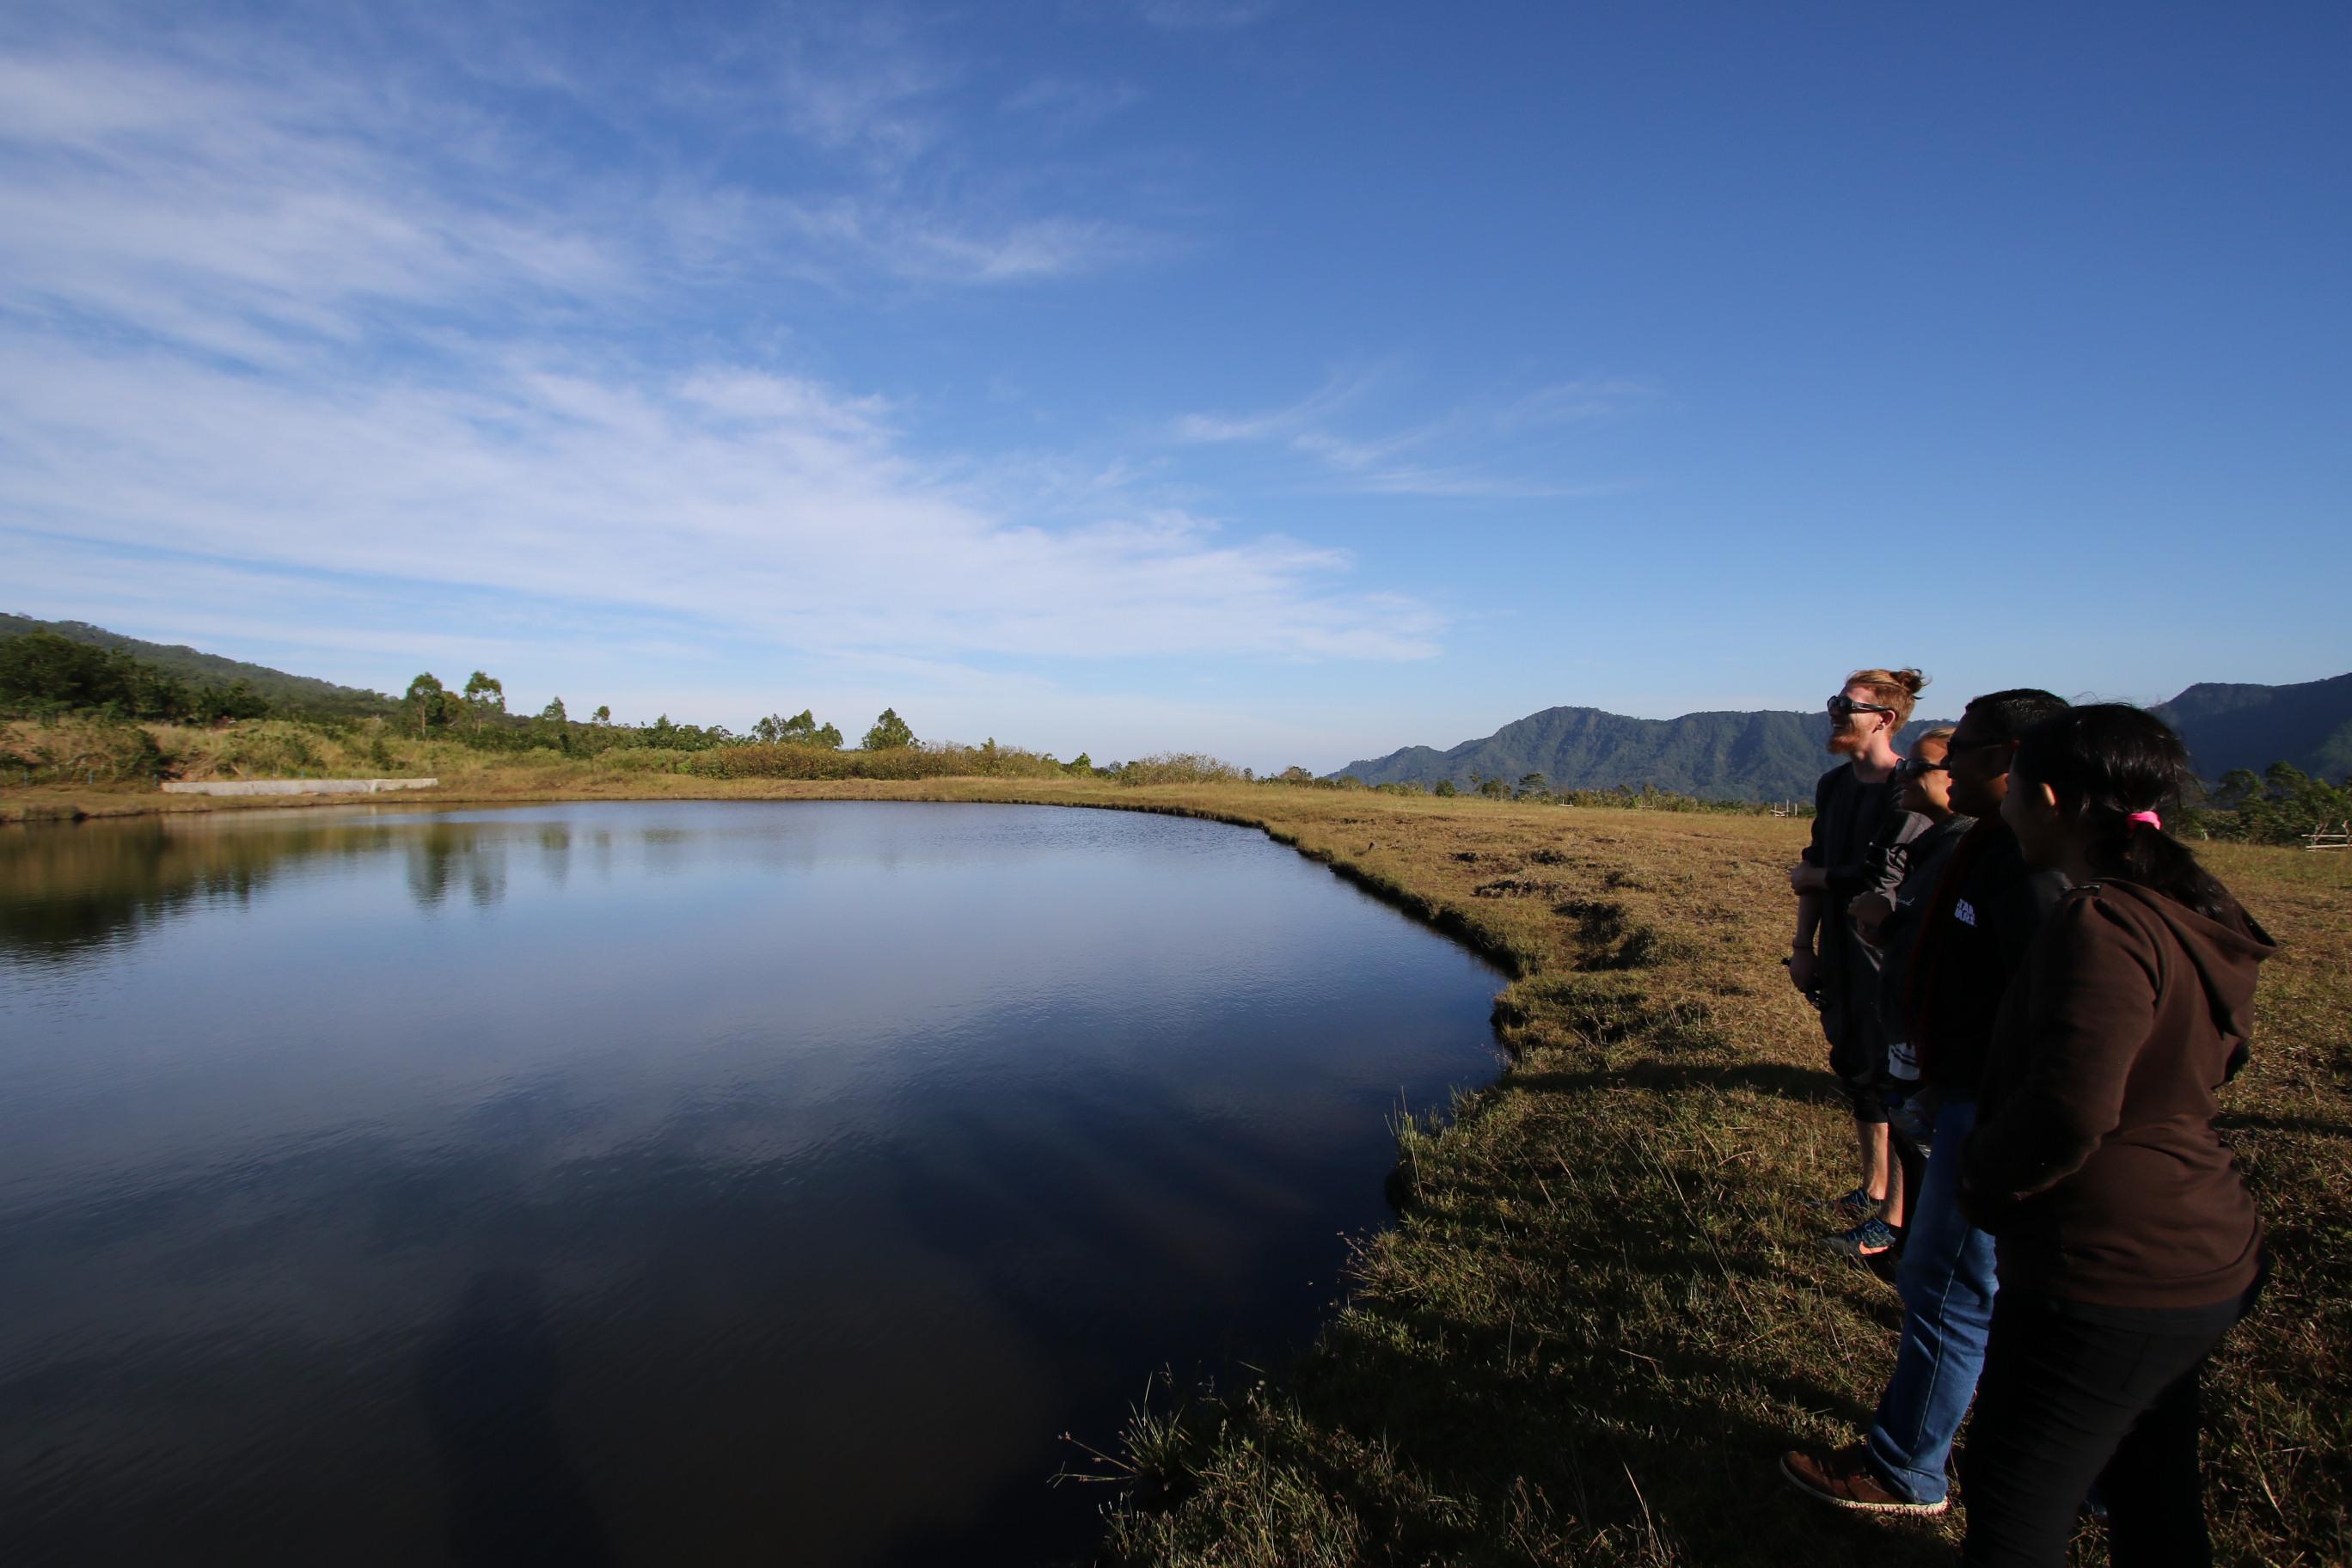 Pelatihan Pengembangan Ekowisata Berbasis Masyarakat Taman Nasional Kelimutu